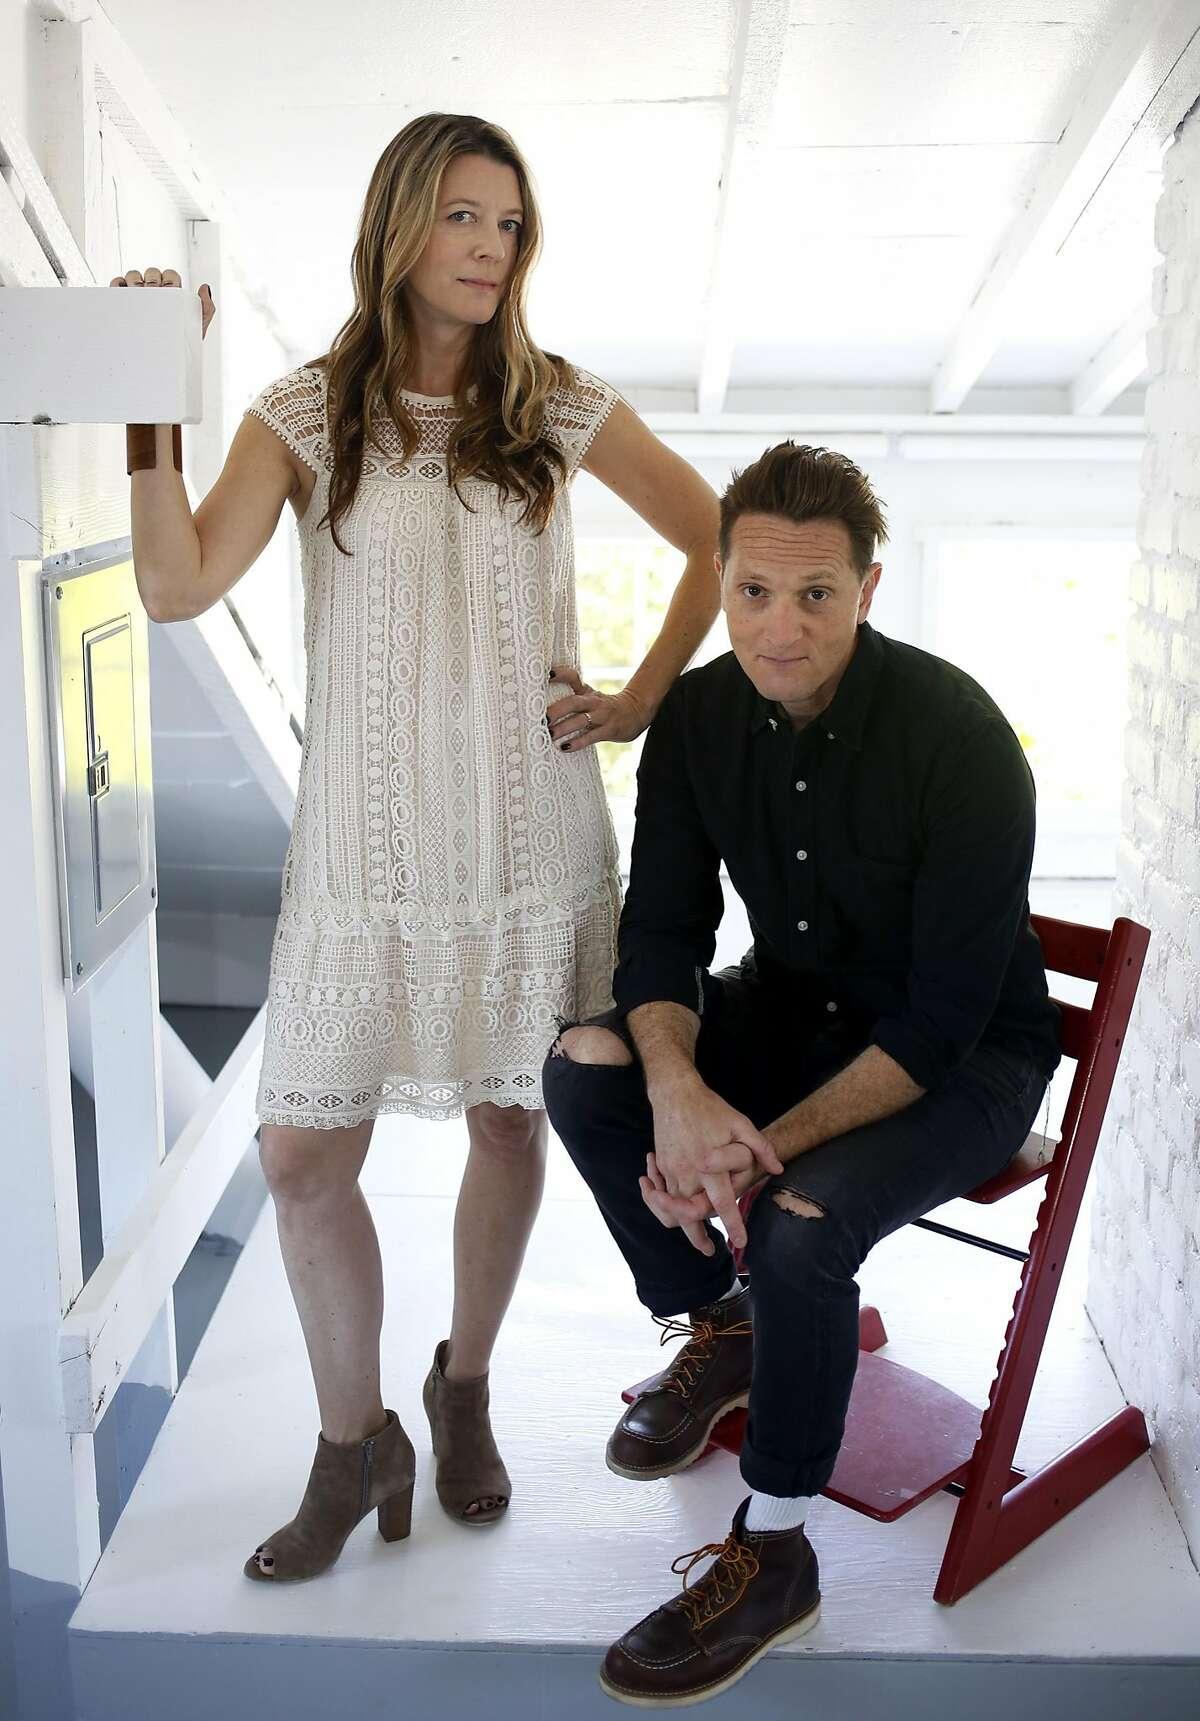 Phyllis Grant and Matt Ross at home in Berkeley.